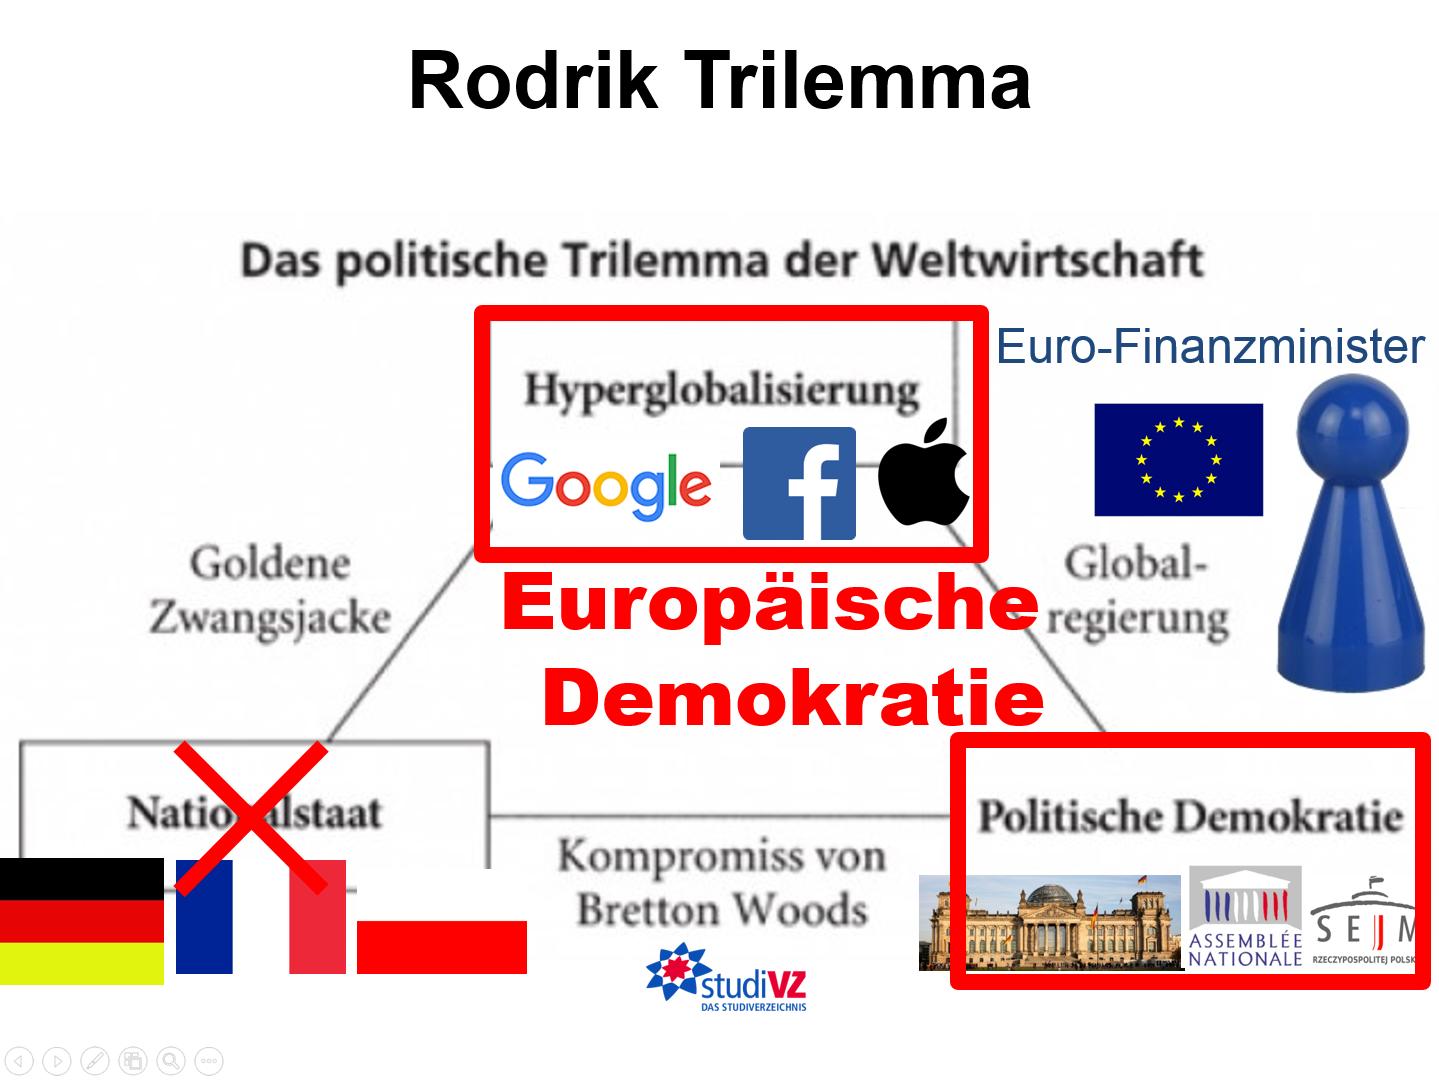 Rodrik-Trilemma: Dani Rodrik erläutert, warum sich von den 3 Zielen Globalisierung, Demokratie und nationale Selbstbestimmung immer nur 2 gleichzeitig verwirklichen lassen.